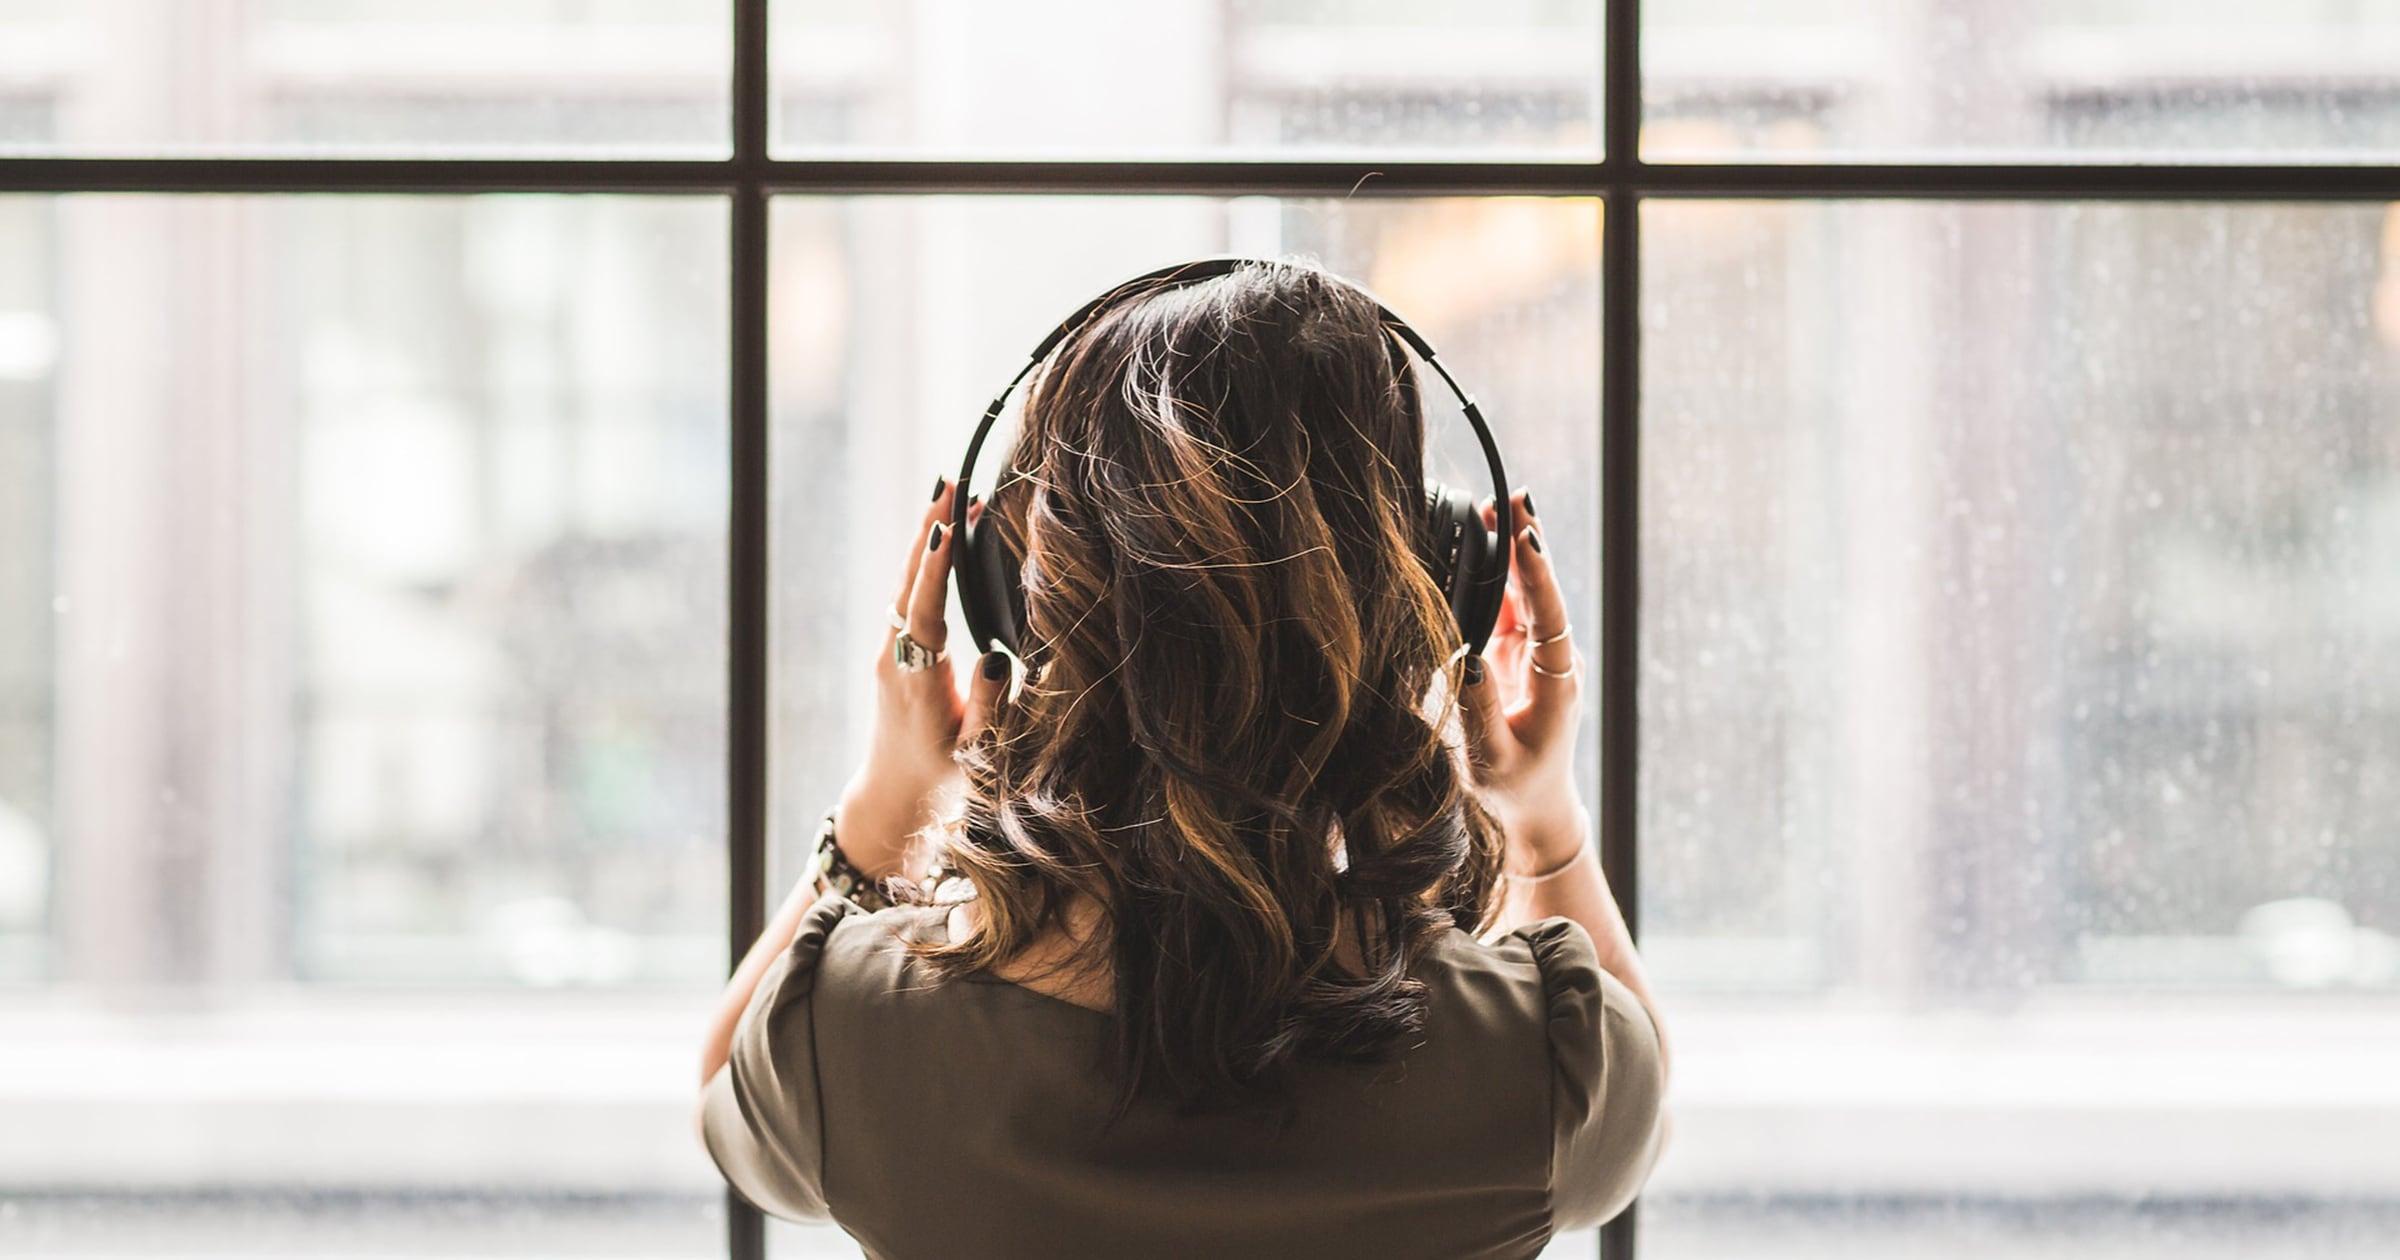 Spotify vs Apple music Spotify eesti Apple music eesti Spotify arvustus Spotify review Apple music arvustus apple music review spotify hind apple music hind kuumaksumus võrdlus